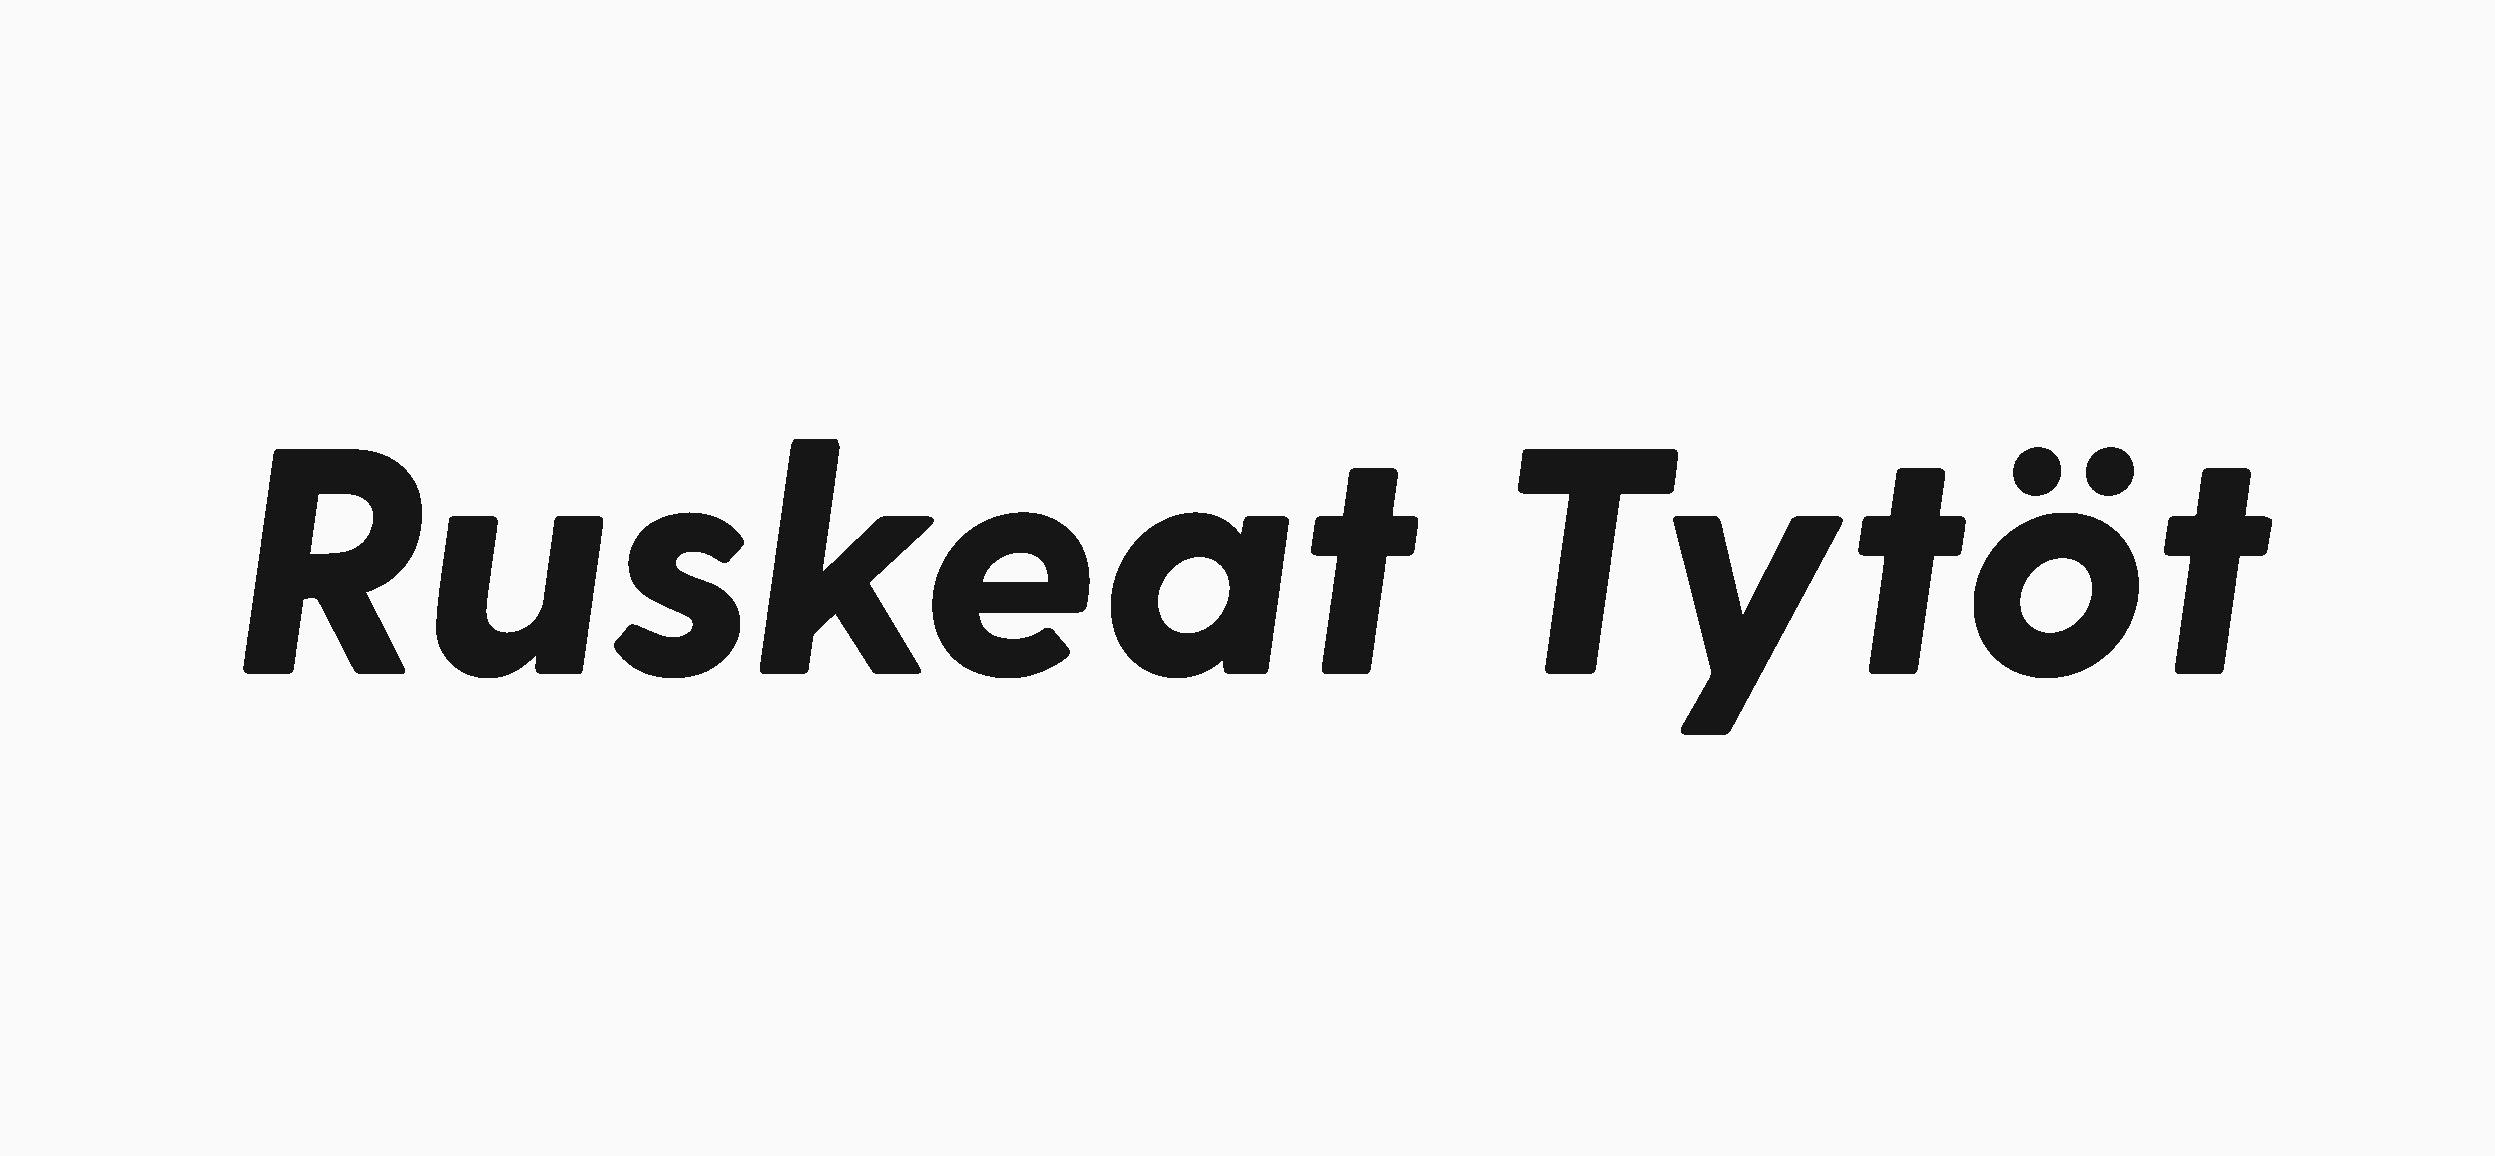 Ruskeat_tytot_text.jpg